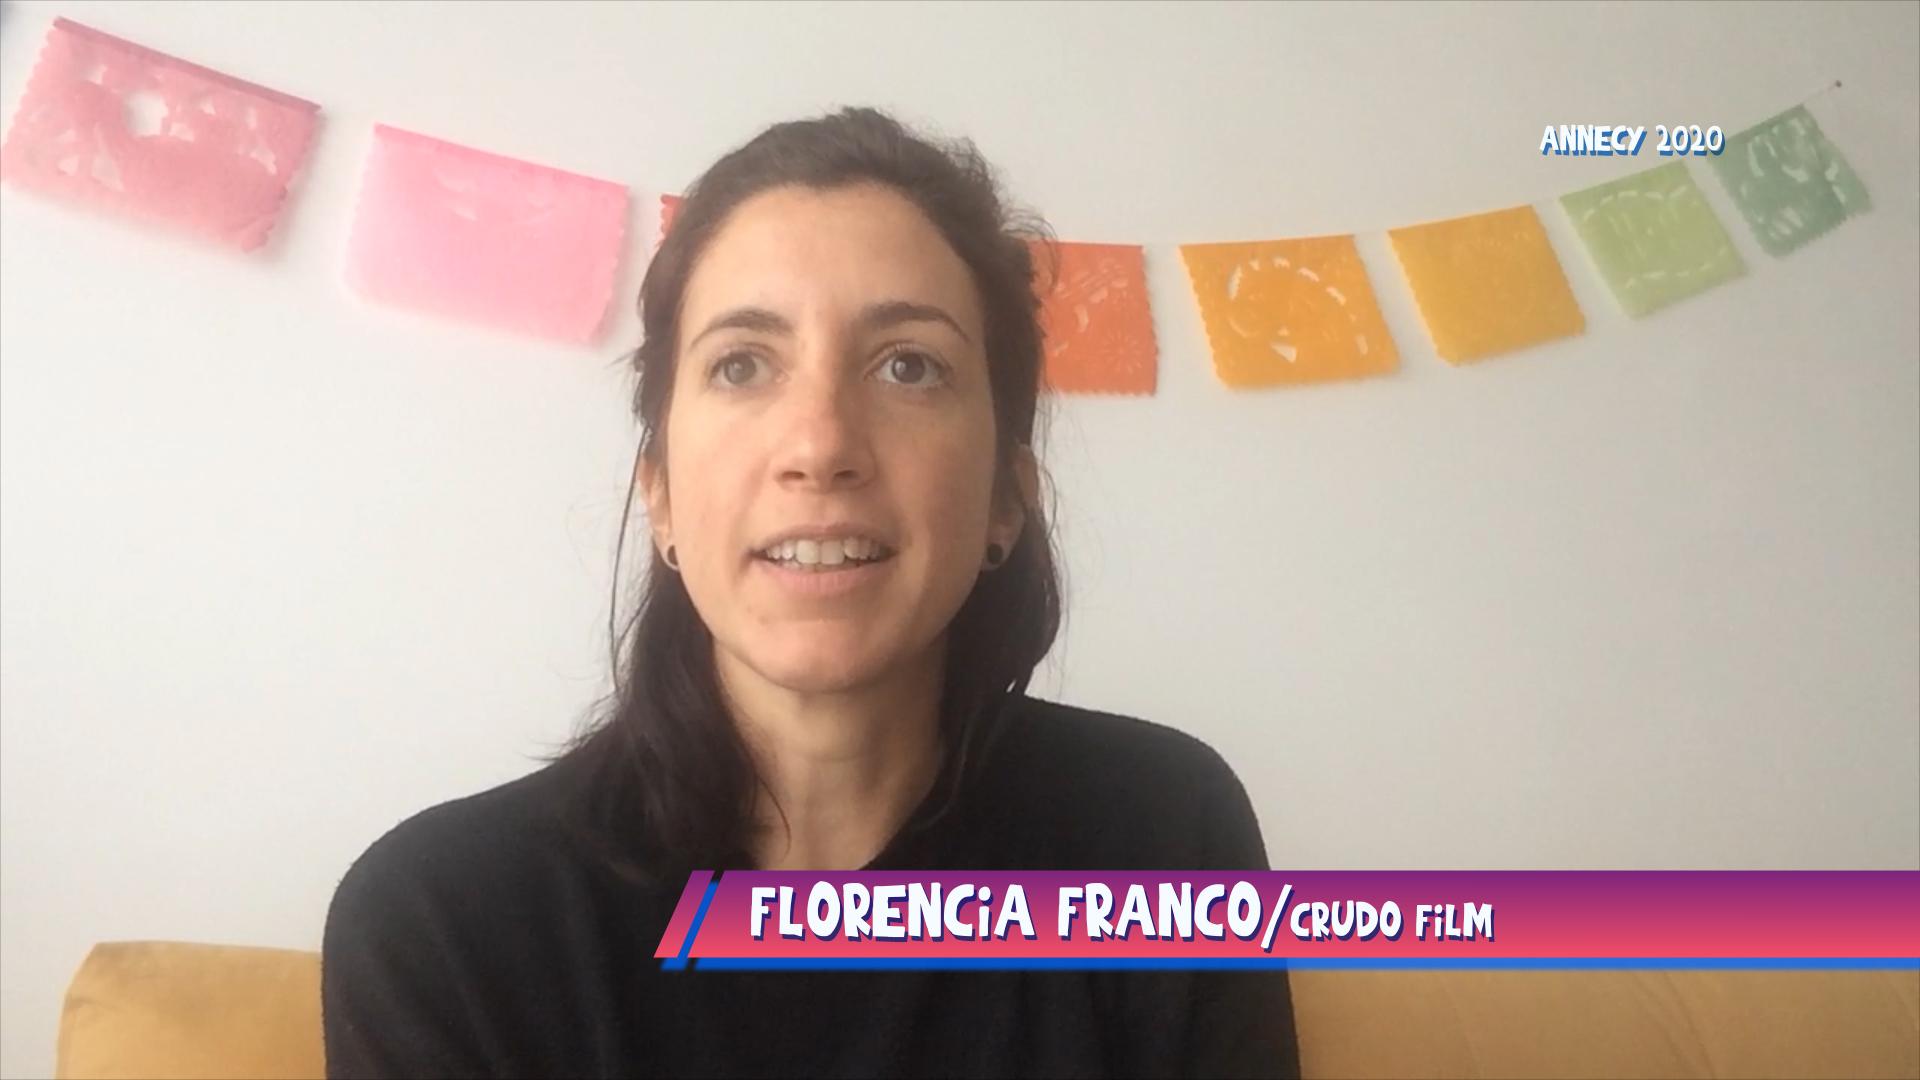 FLORENCIA FRANCO